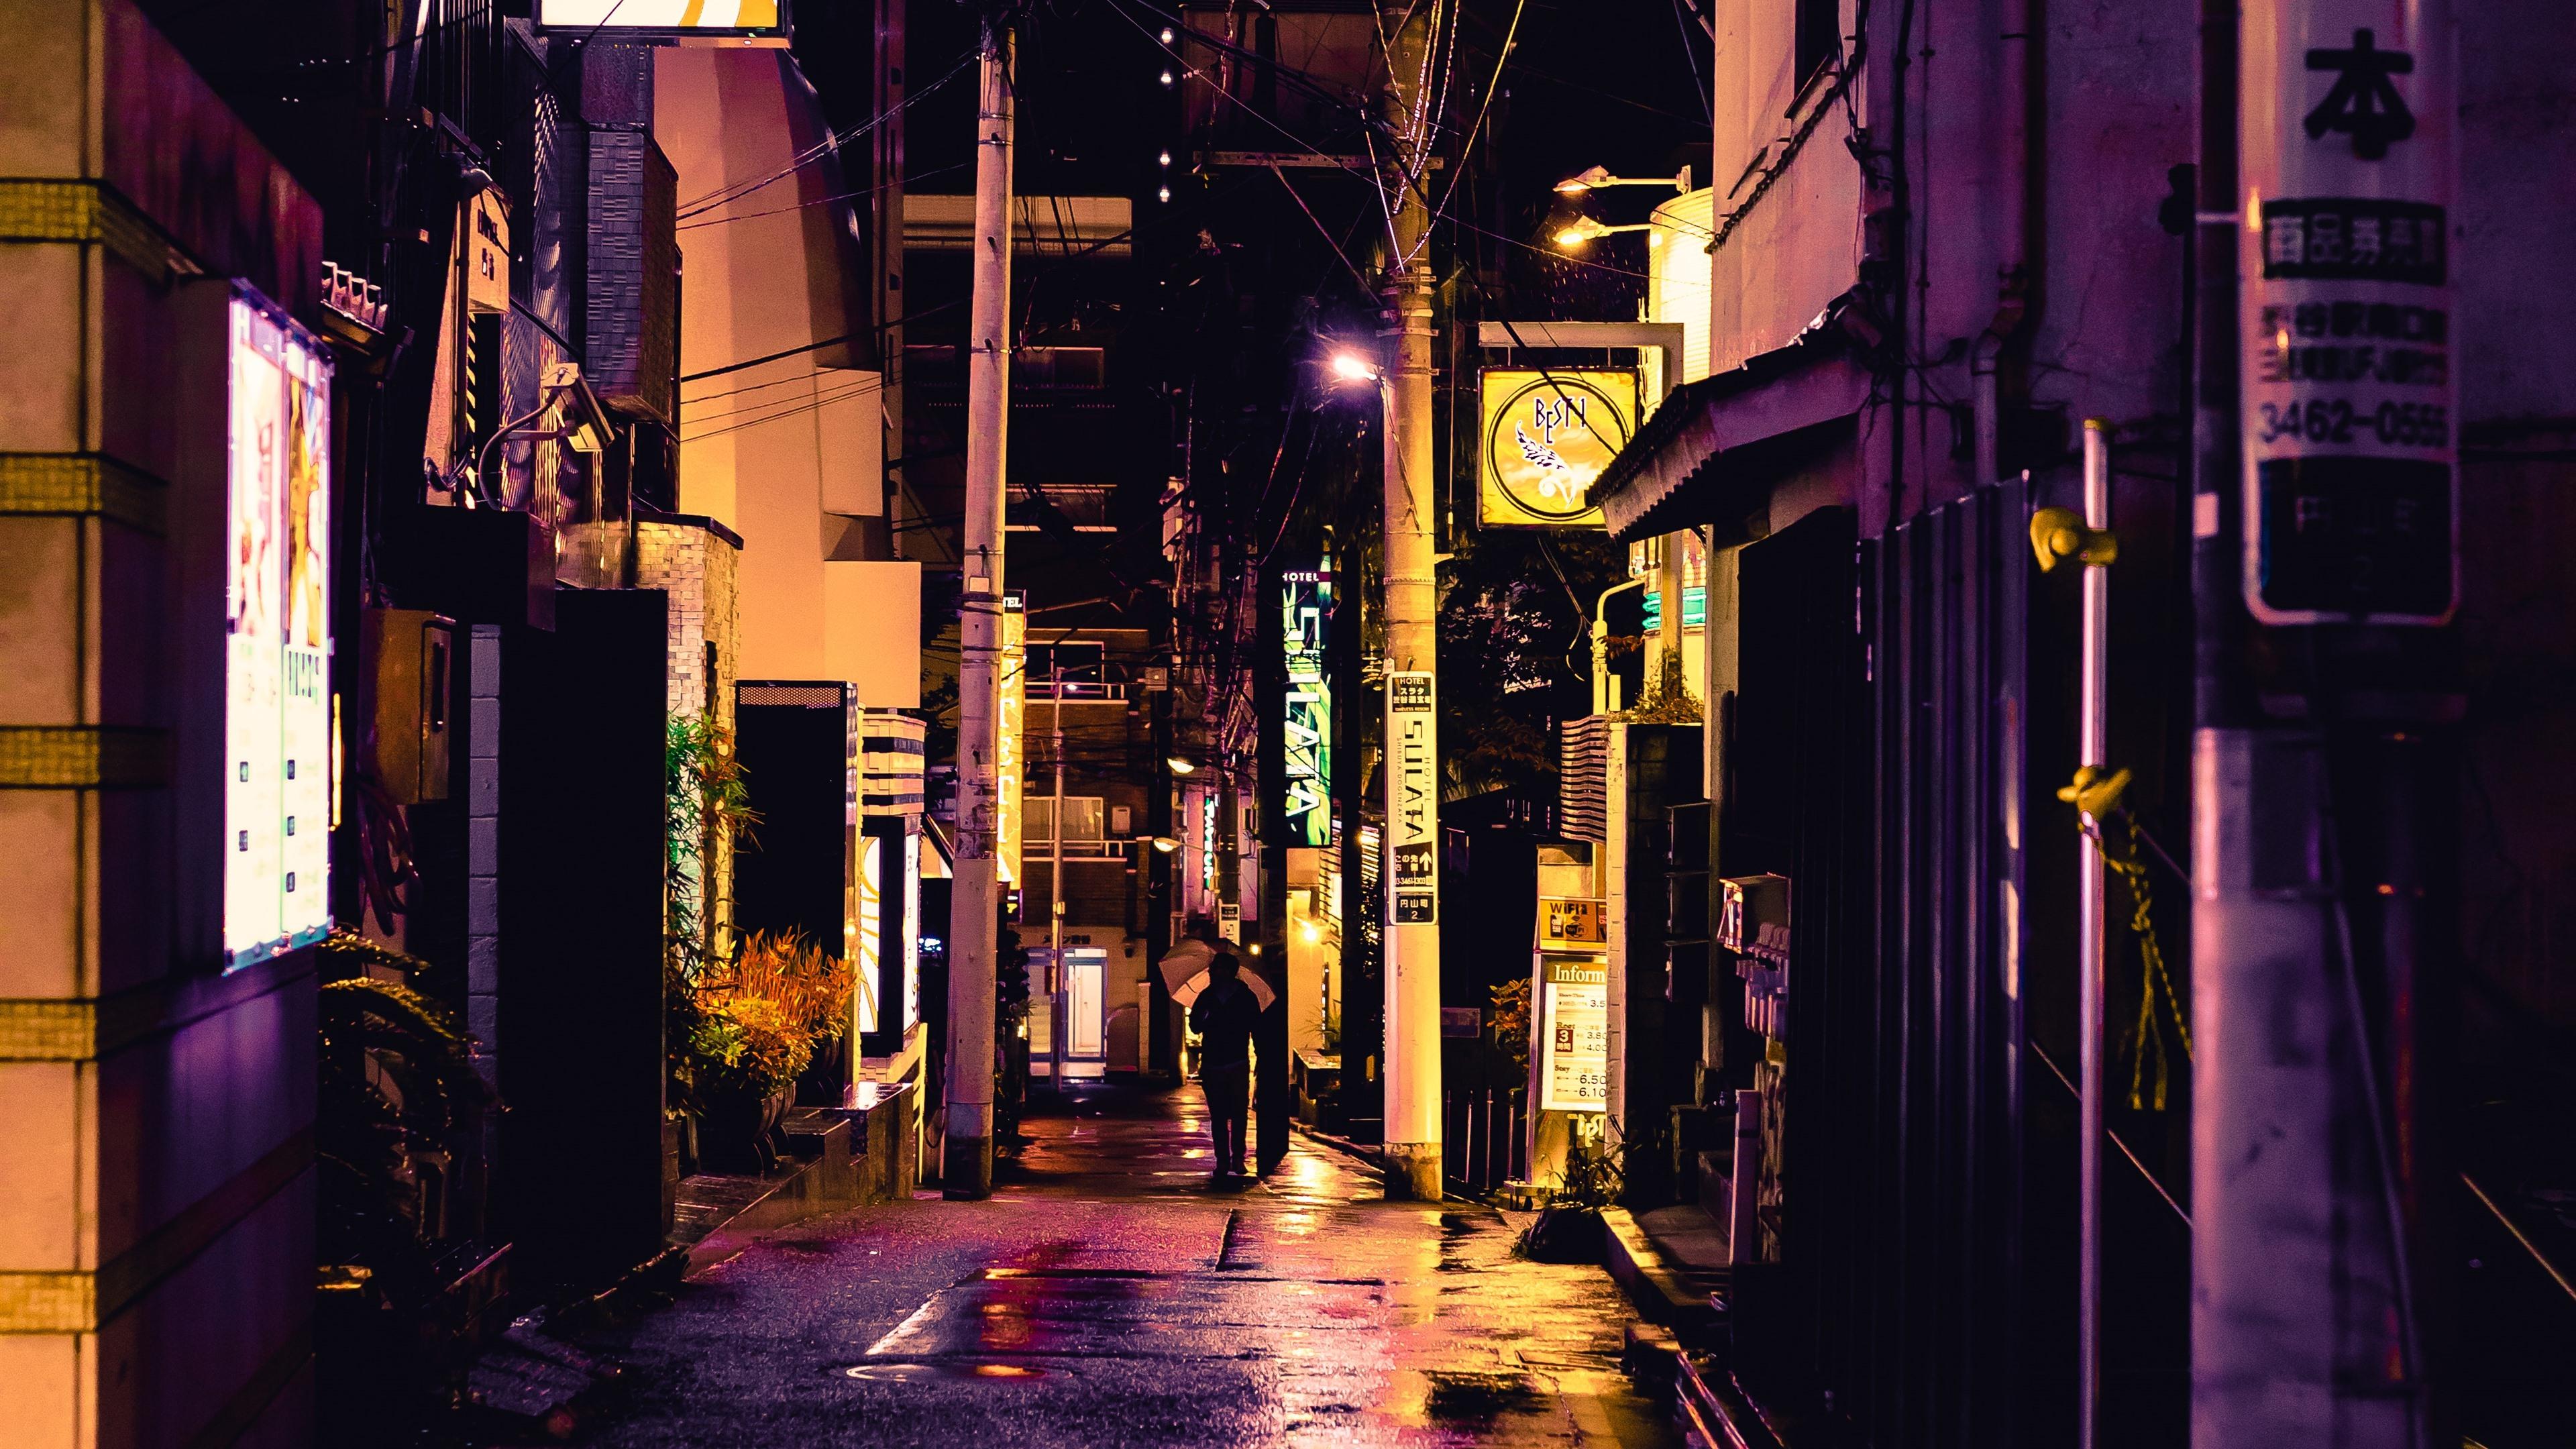 4k Wallpaper Japan Night